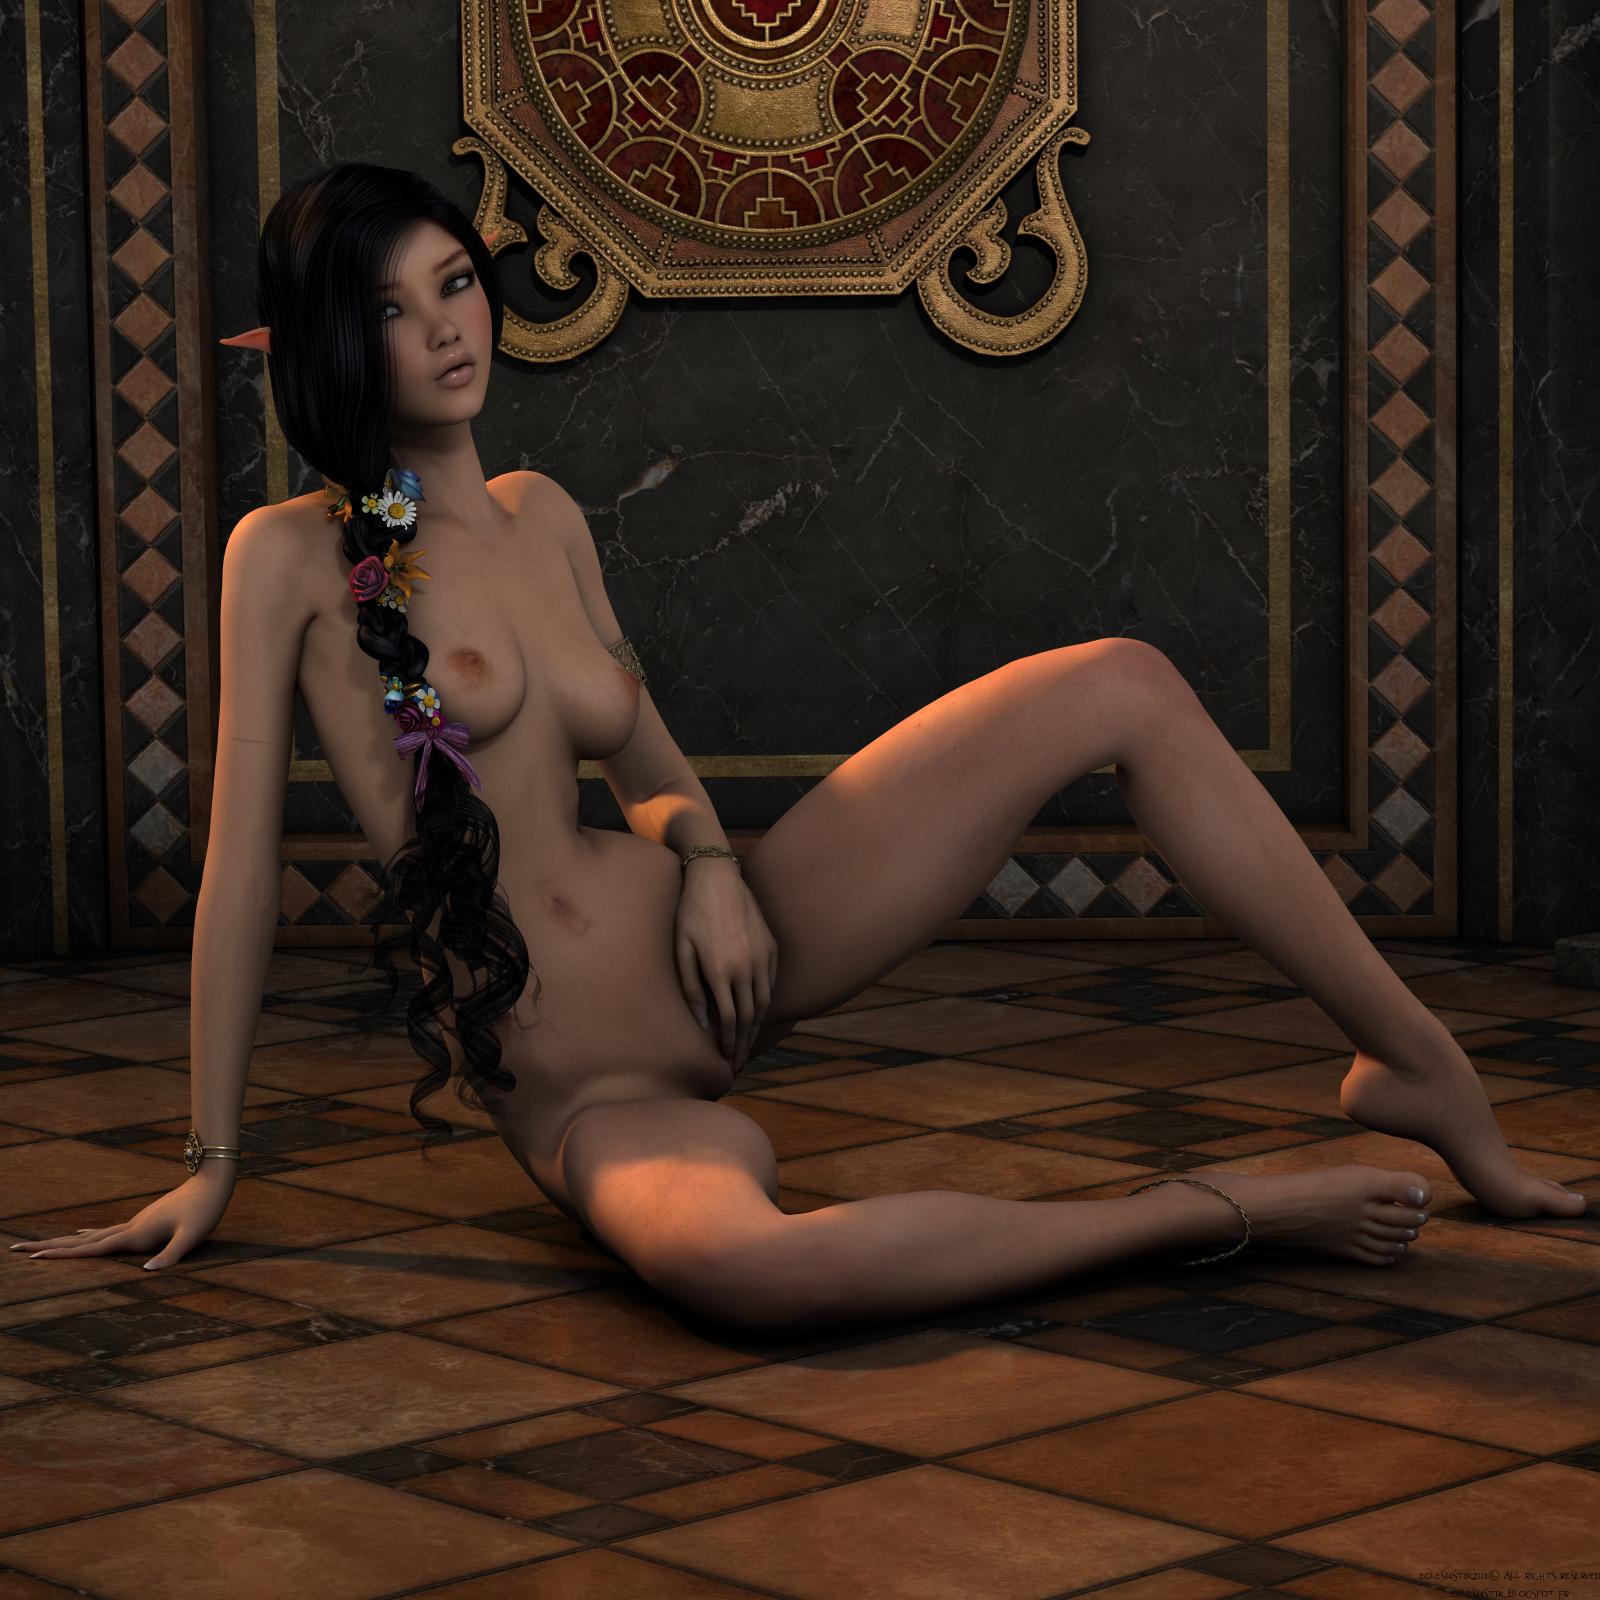 Bdsm adult games elf porn comic